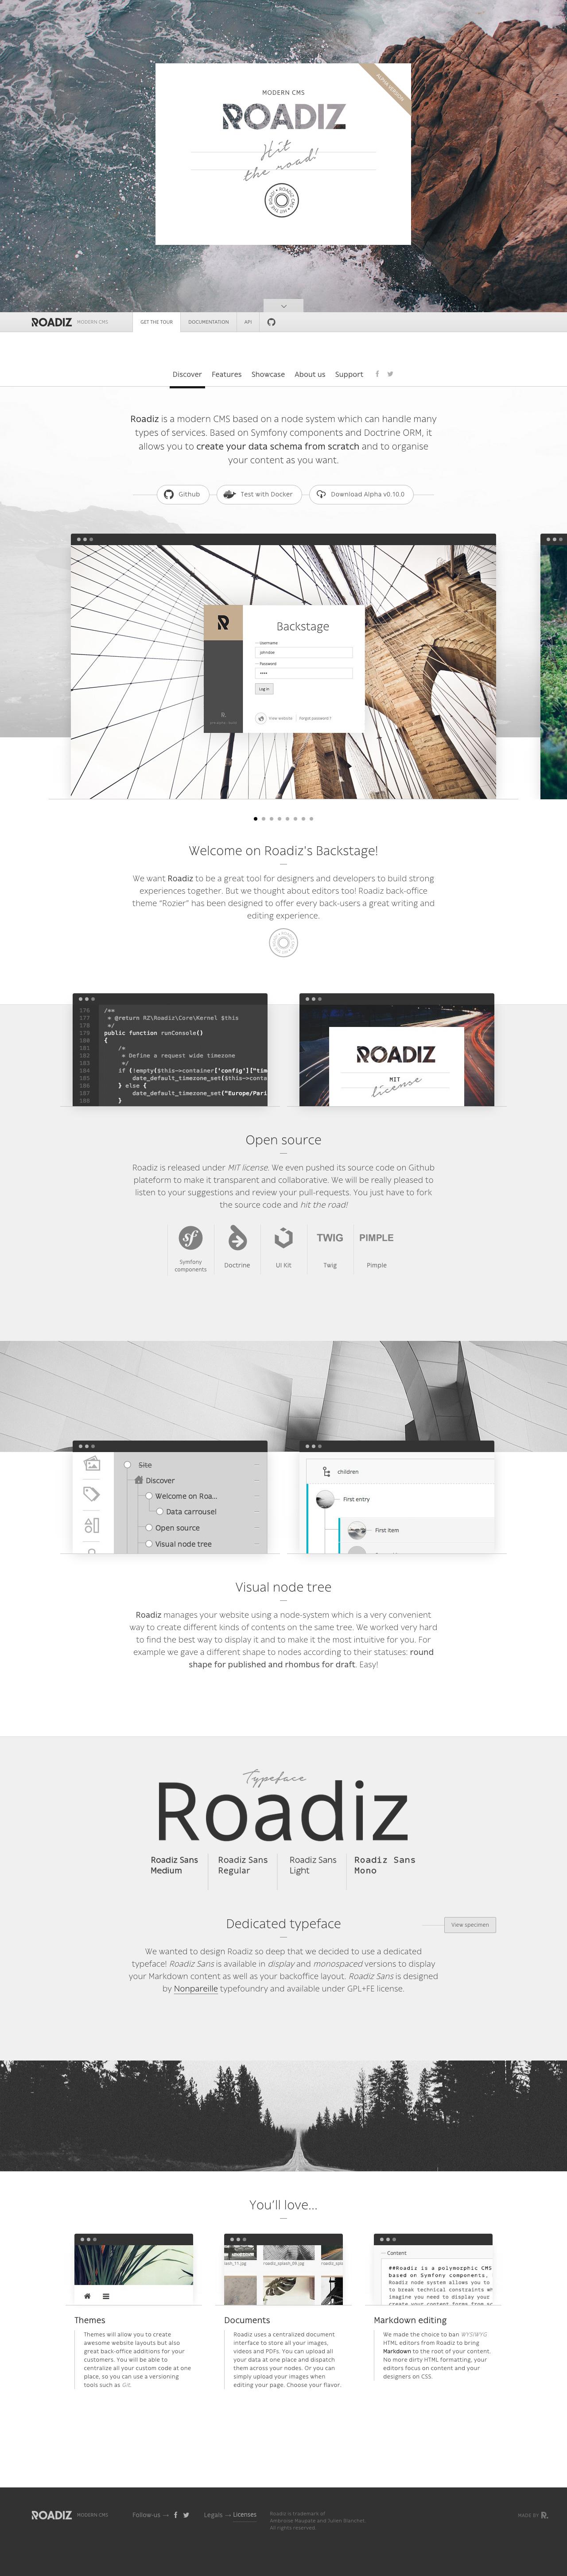 Roadiz Website Screenshot